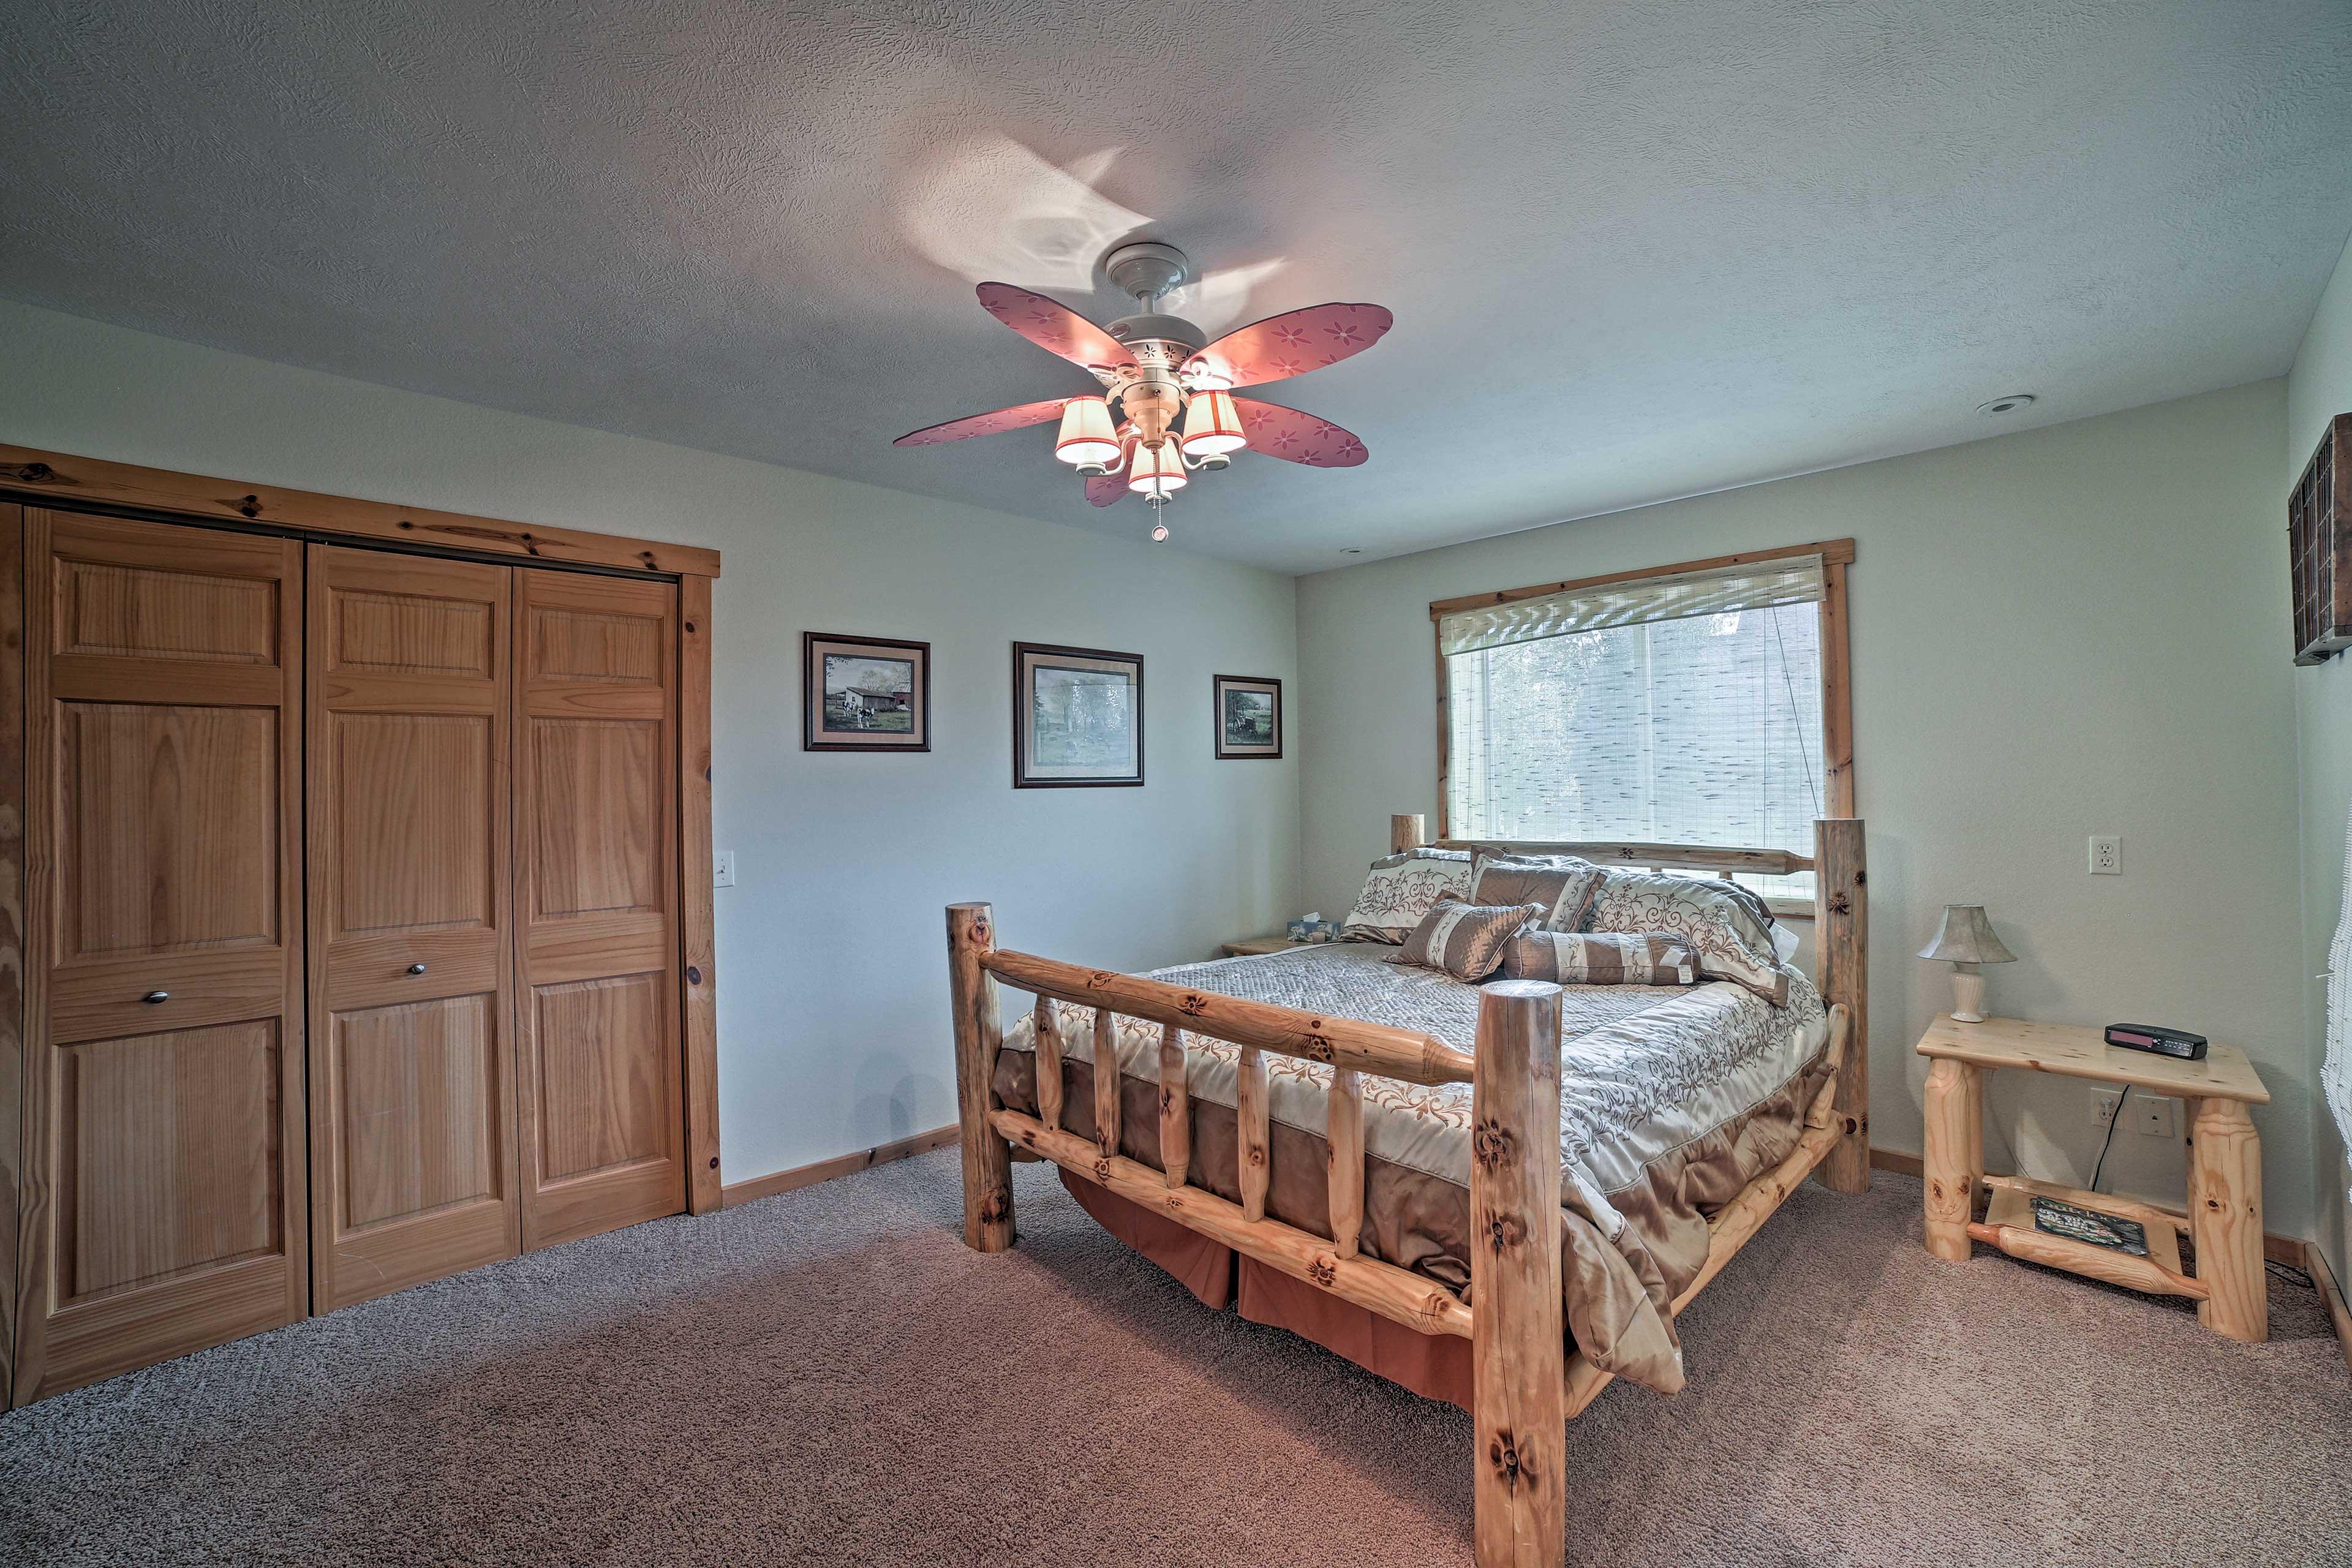 The third bedroom hosts a queen bed.